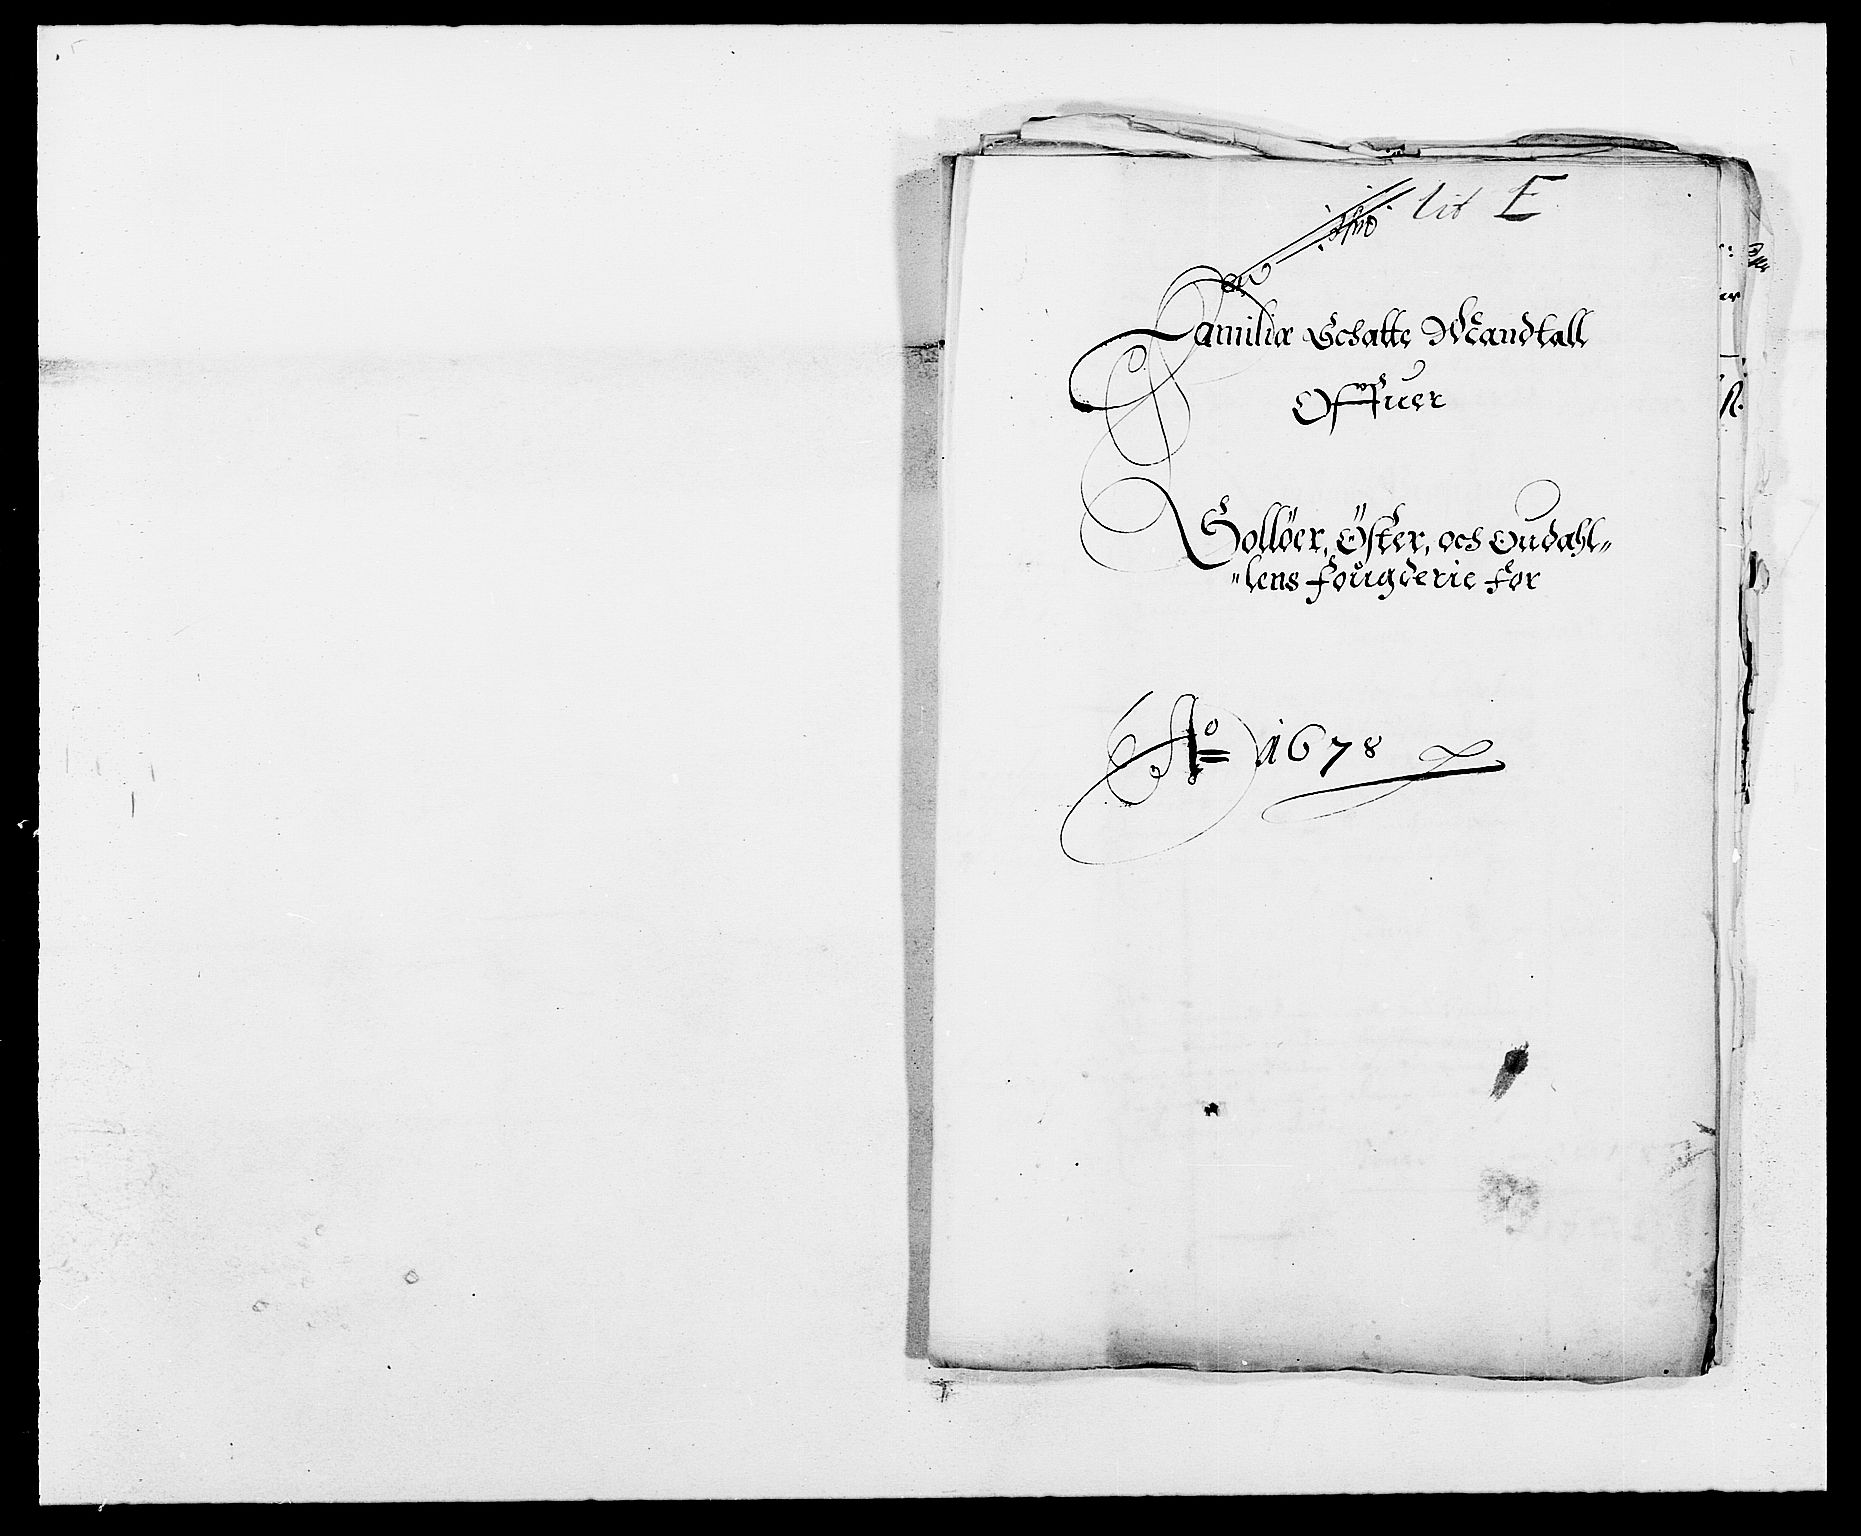 RA, Rentekammeret inntil 1814, Reviderte regnskaper, Fogderegnskap, R13/L0815: Fogderegnskap Solør, Odal og Østerdal, 1678, s. 106